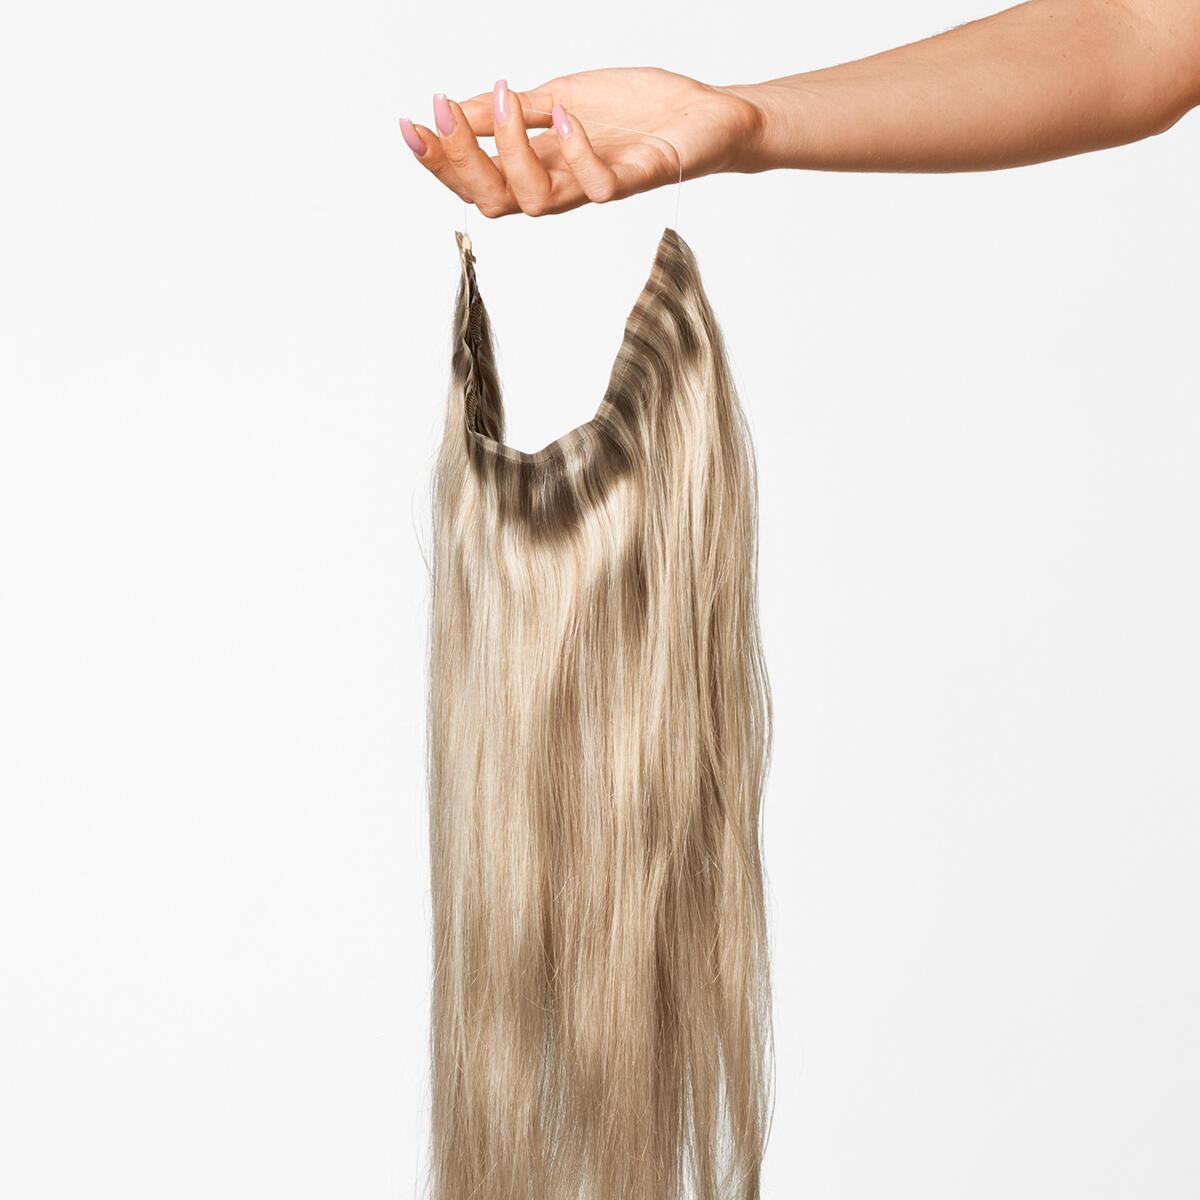 Sleek Hairband M7.1/10.8 Natural Ash Blonde Mix 50 cm